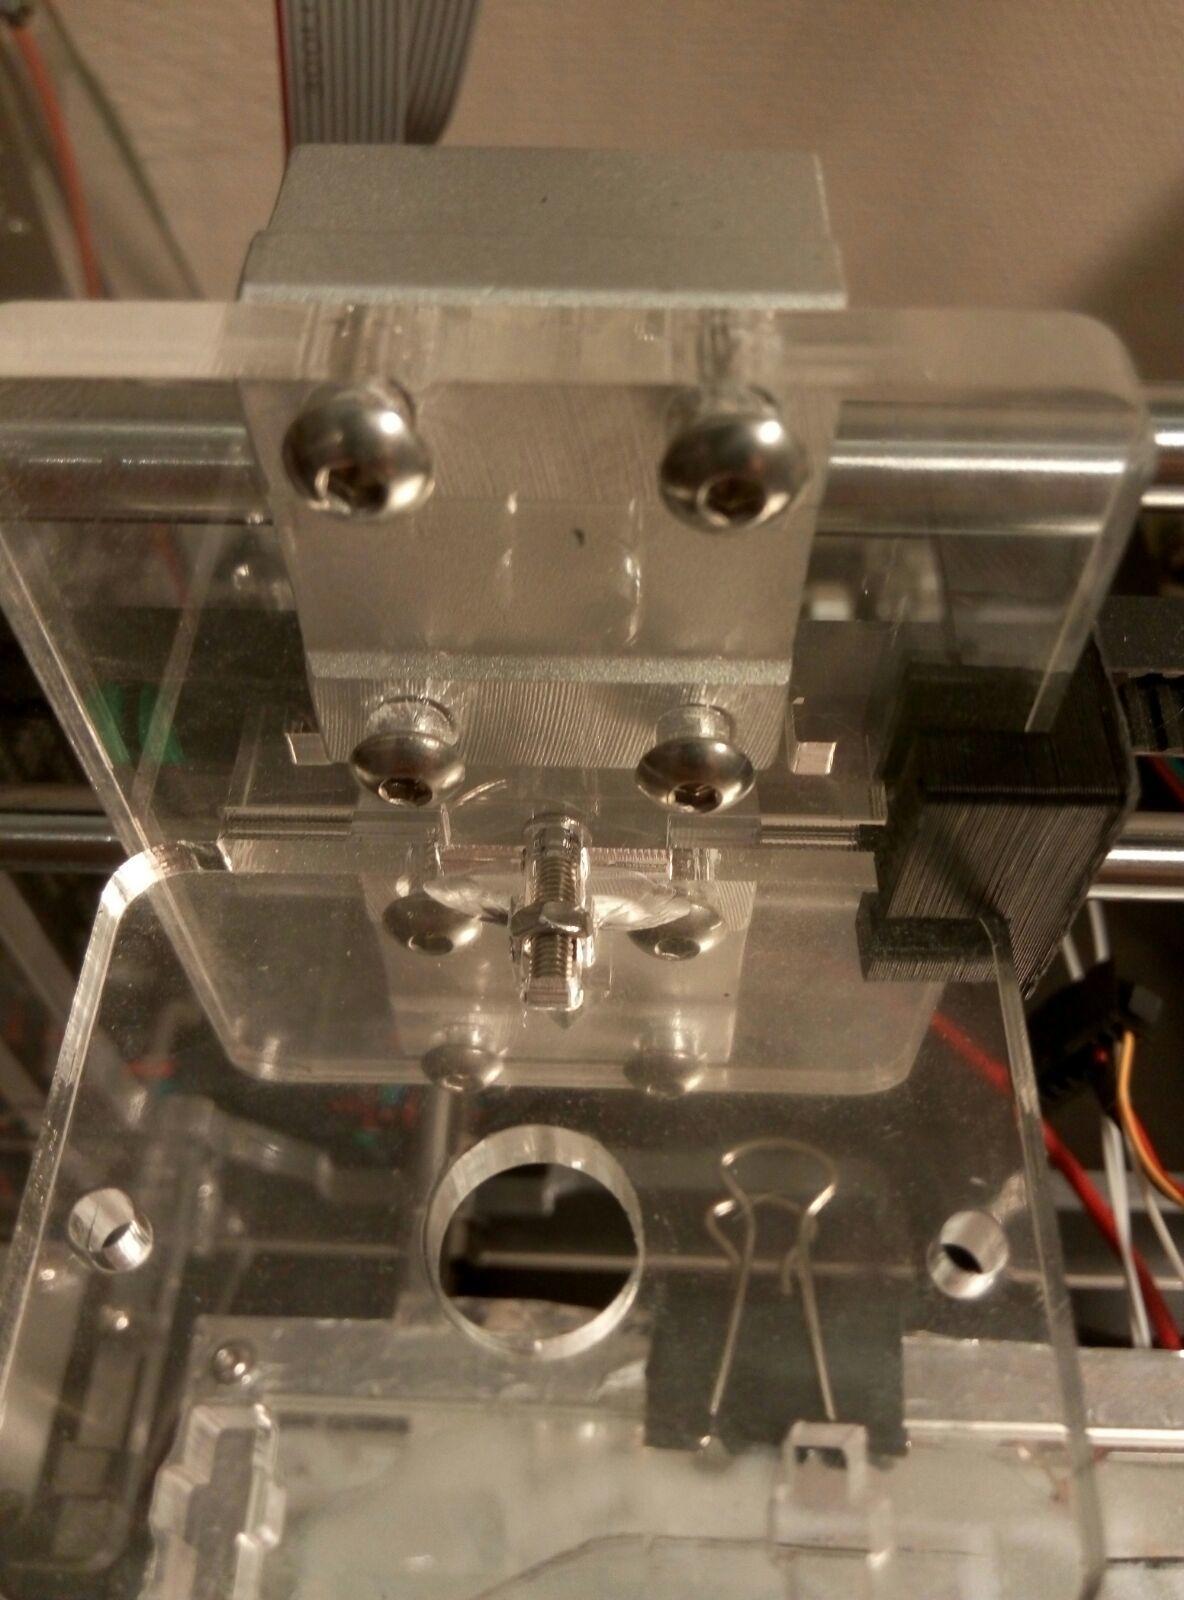 Конструктор 3D-принтера от SUNHOKEY в процессе эксплуатации (часть вторая) - 36